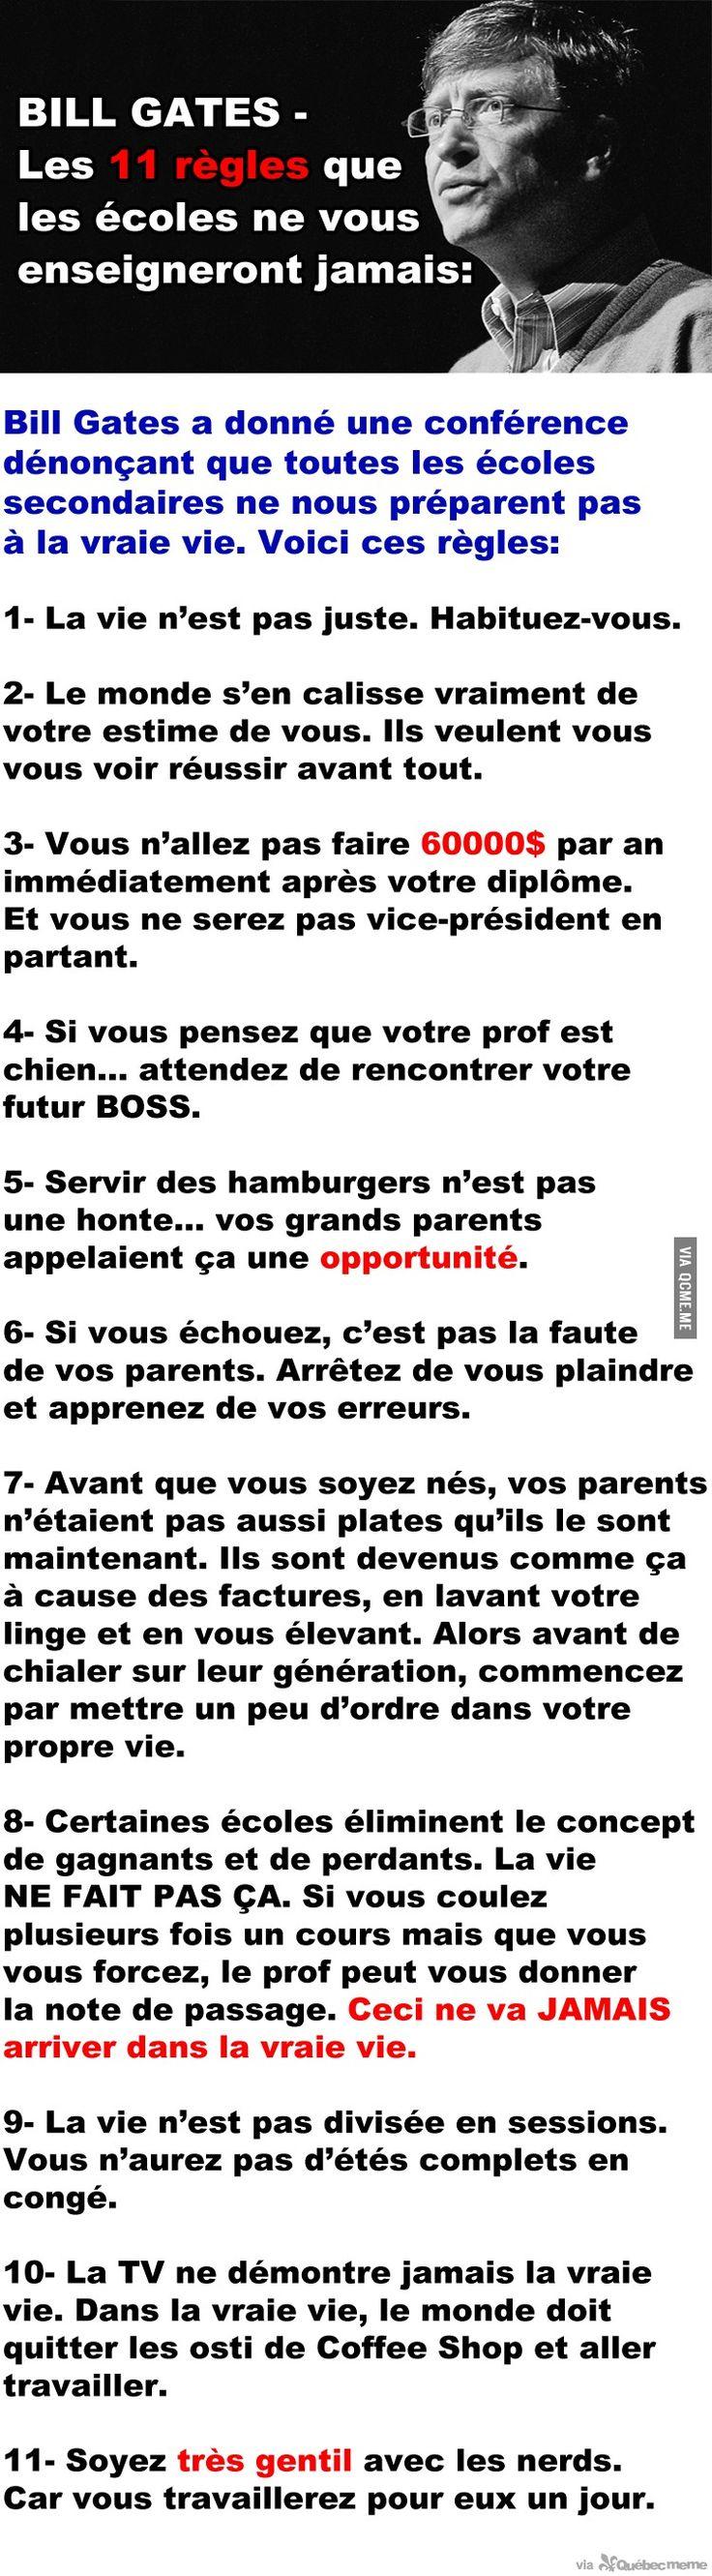 Règles de Bill Gates – Québec Meme +